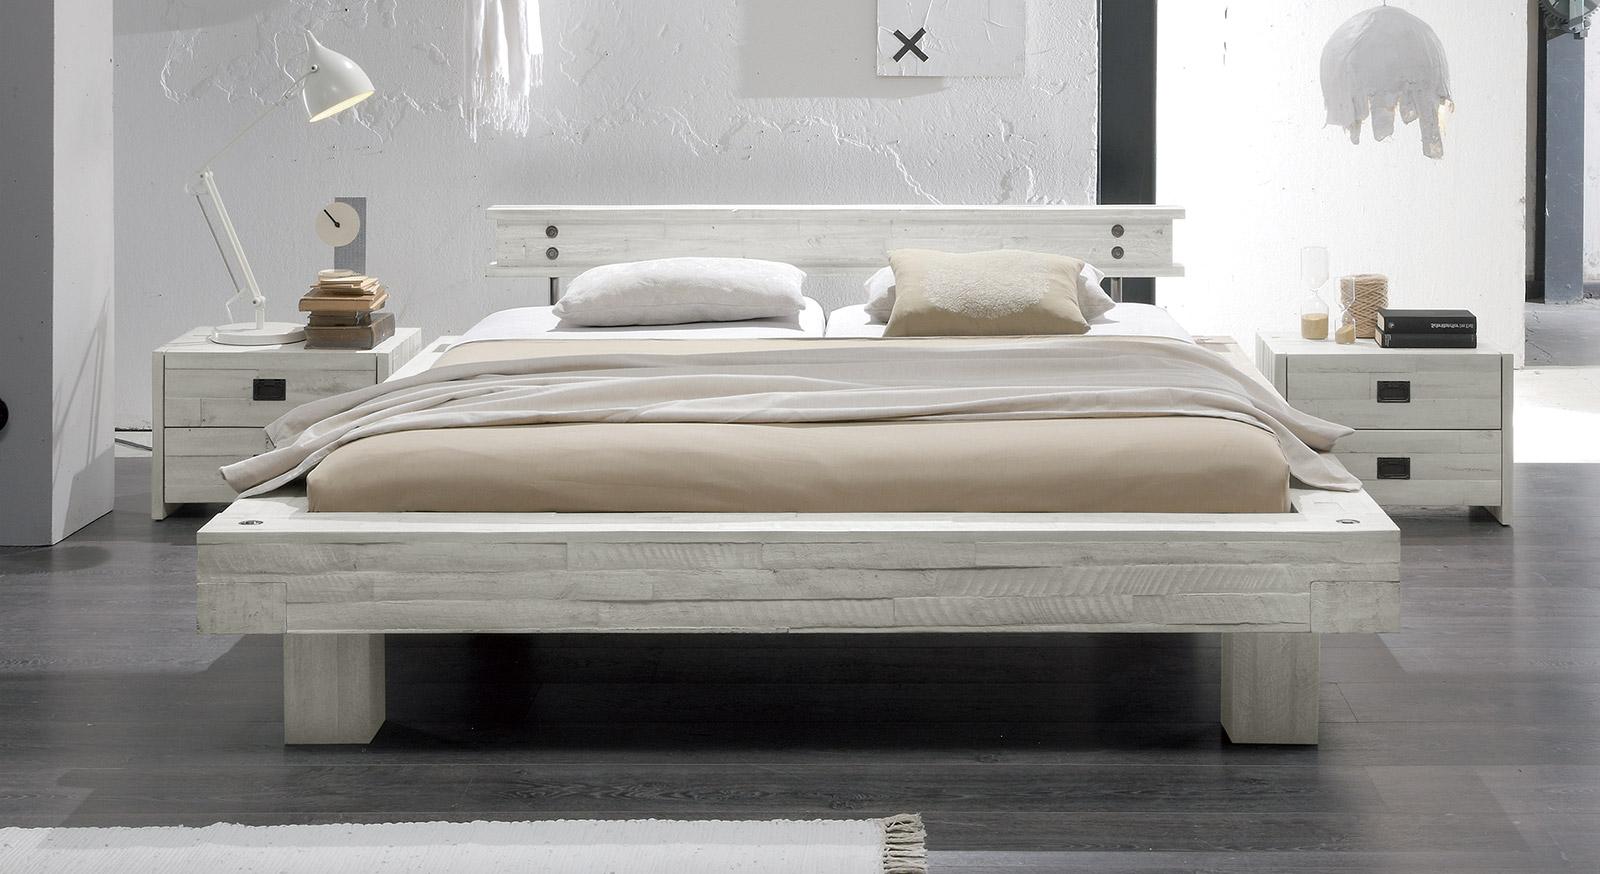 Bett weiß  Massivholzbett im Vintage Stil in Weiß kaufen - Buena